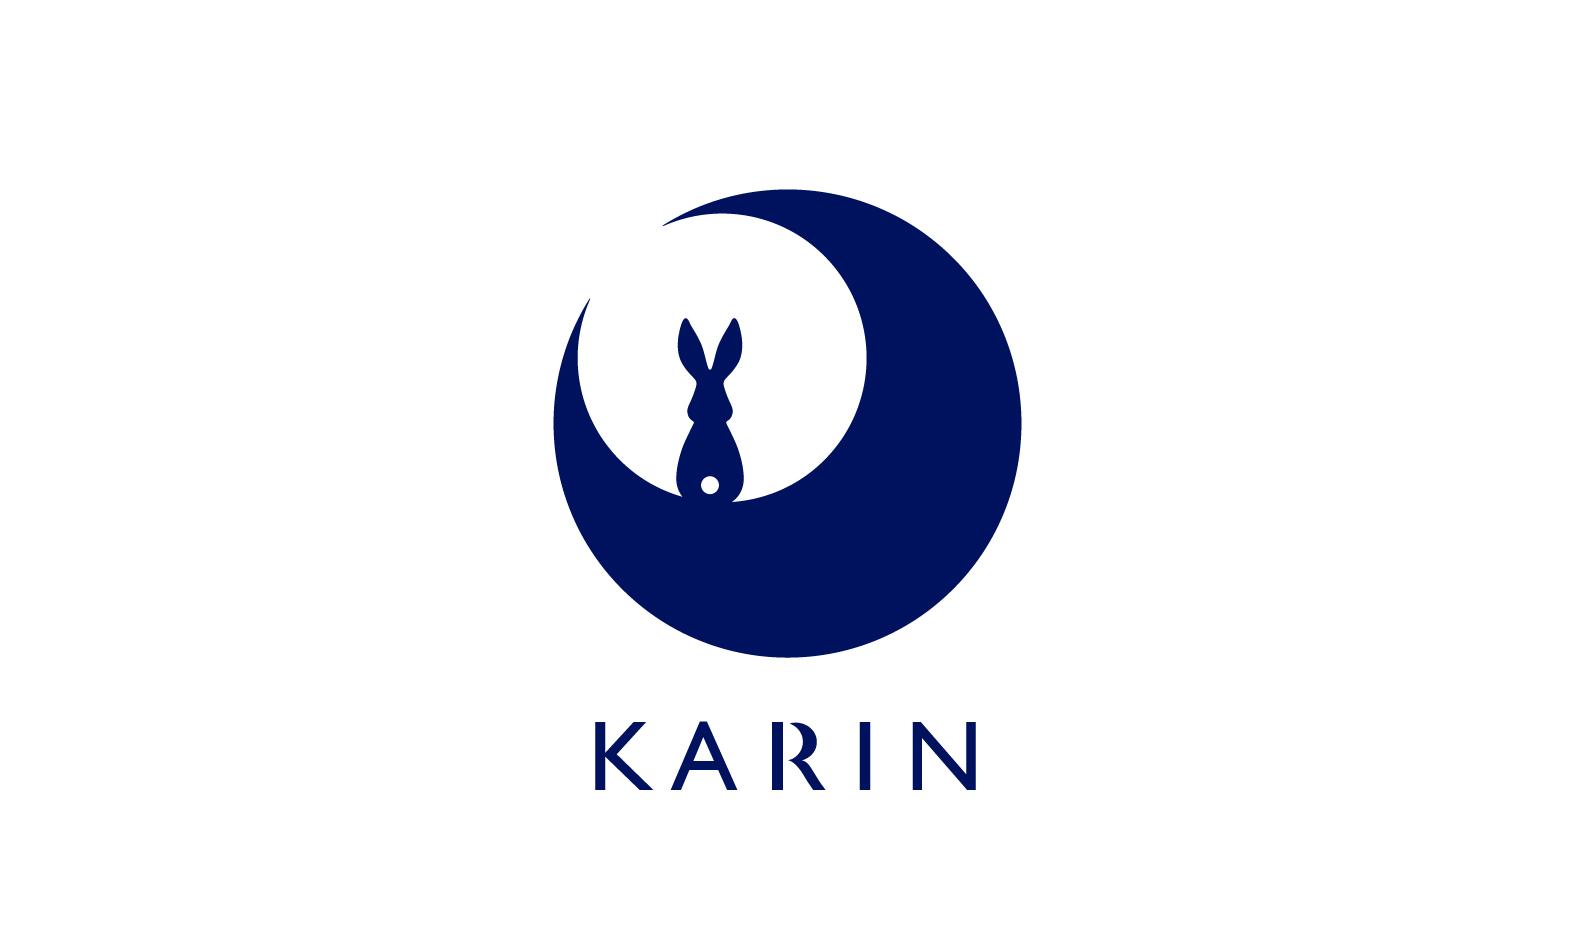 KARIN_商品ブランディング02